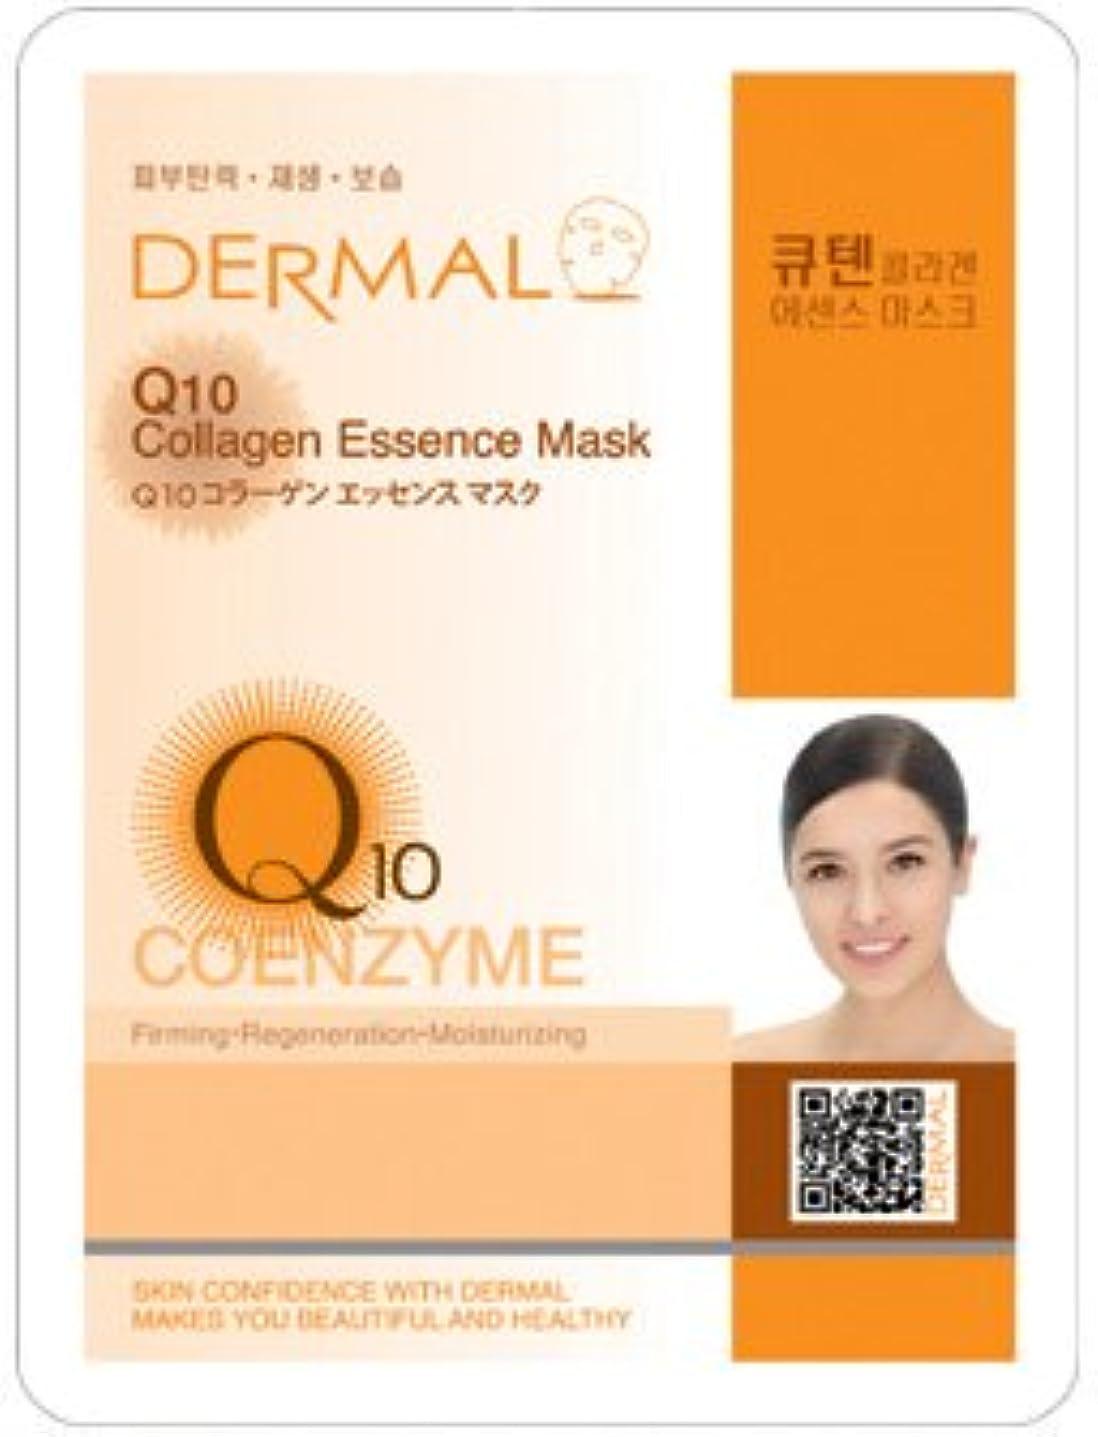 摂氏コショウアライメントシートマスク Q10 コエンザイム 100枚セット ダーマル(Dermal) フェイス パック